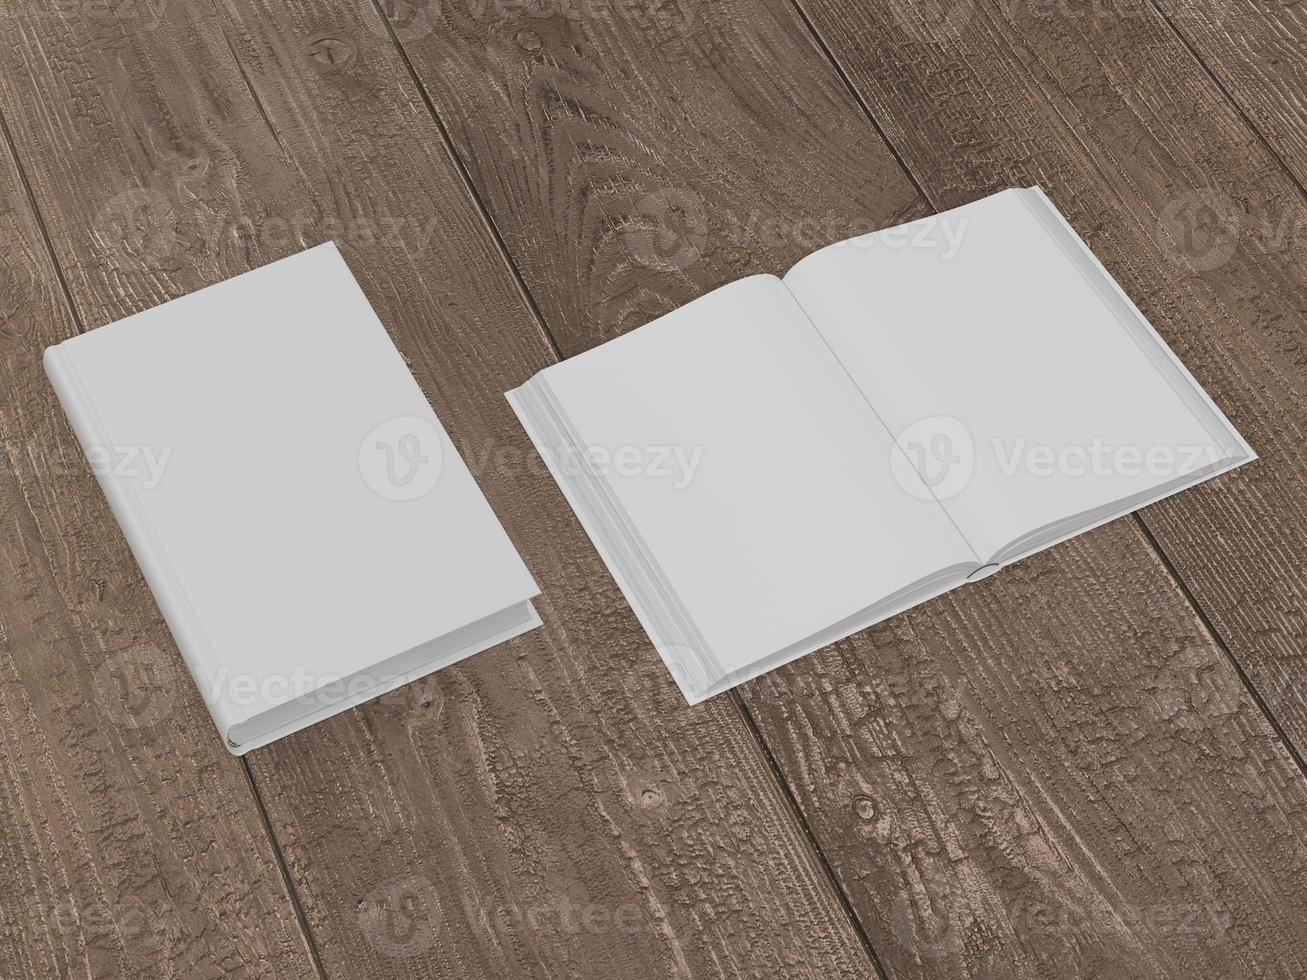 Modell des Buches mit weißem Einband foto